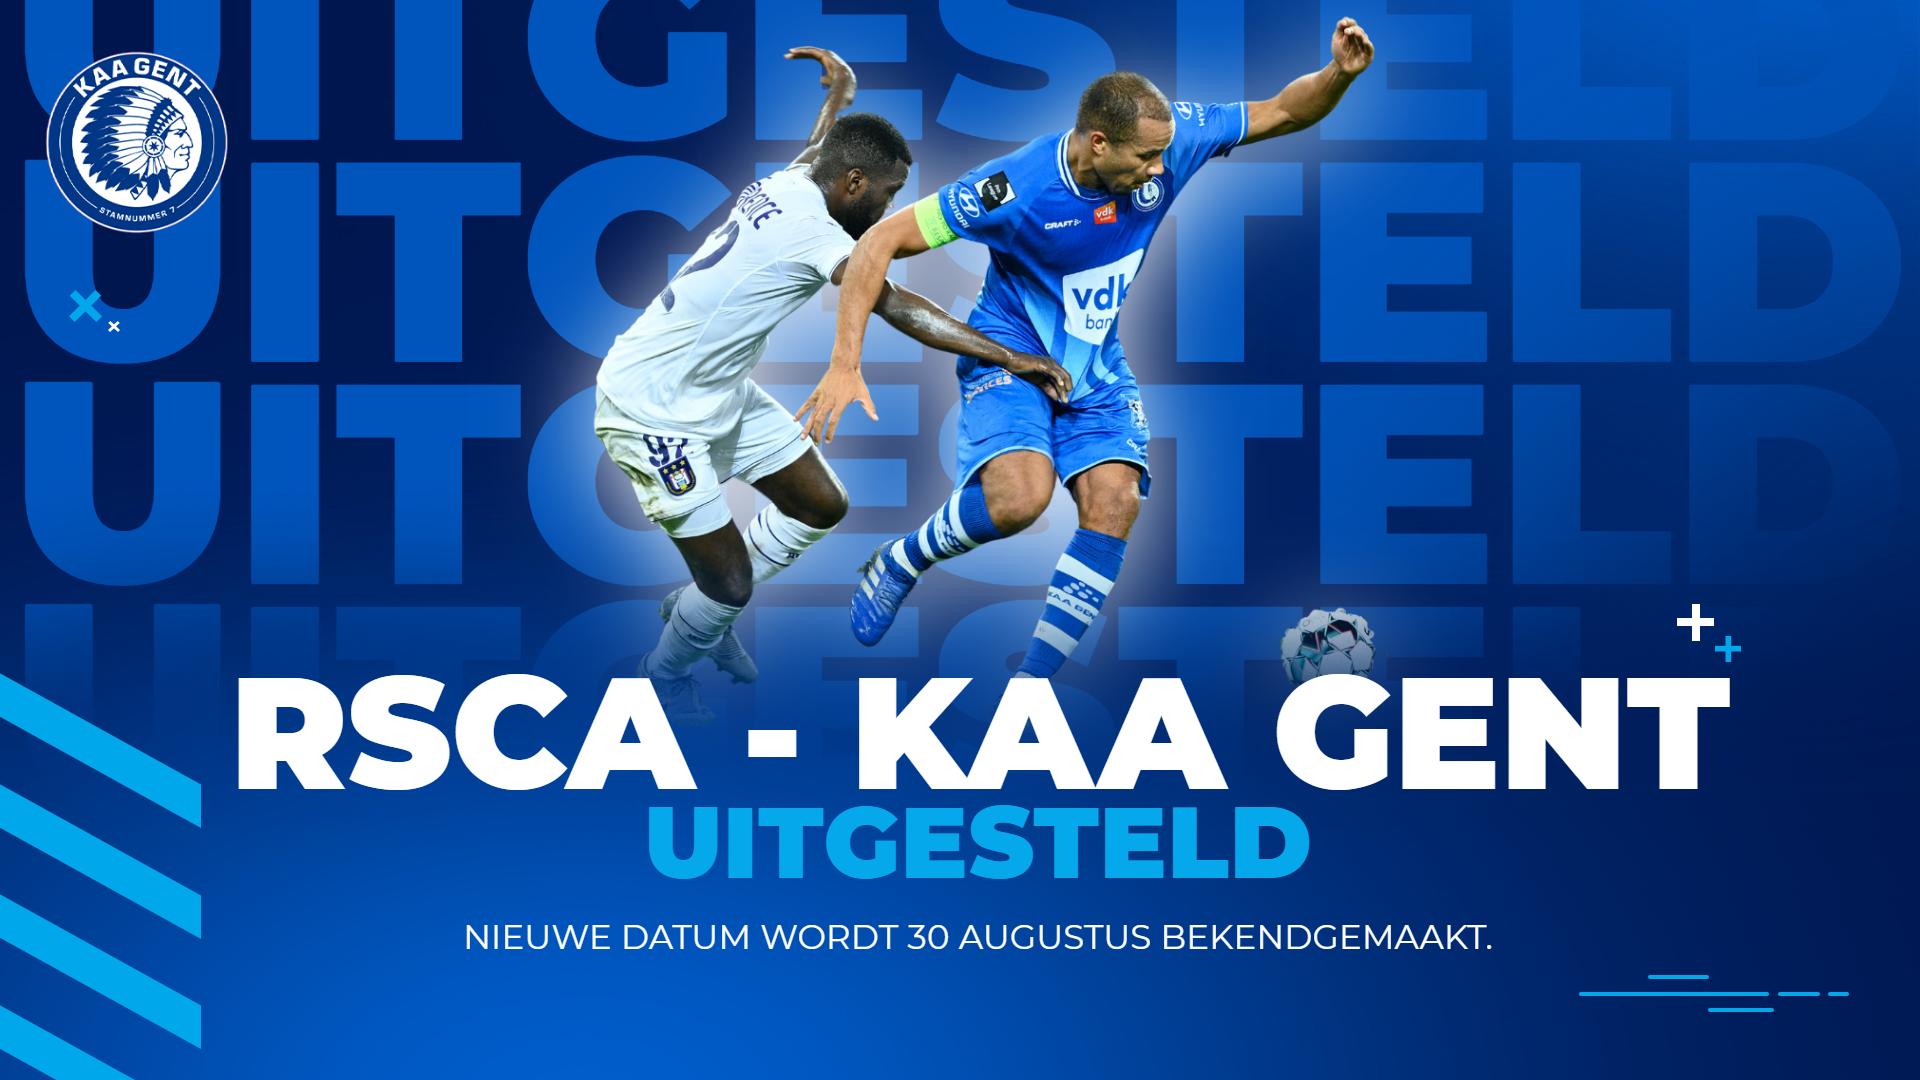 Anderlecht - KAA Gent uitgesteld